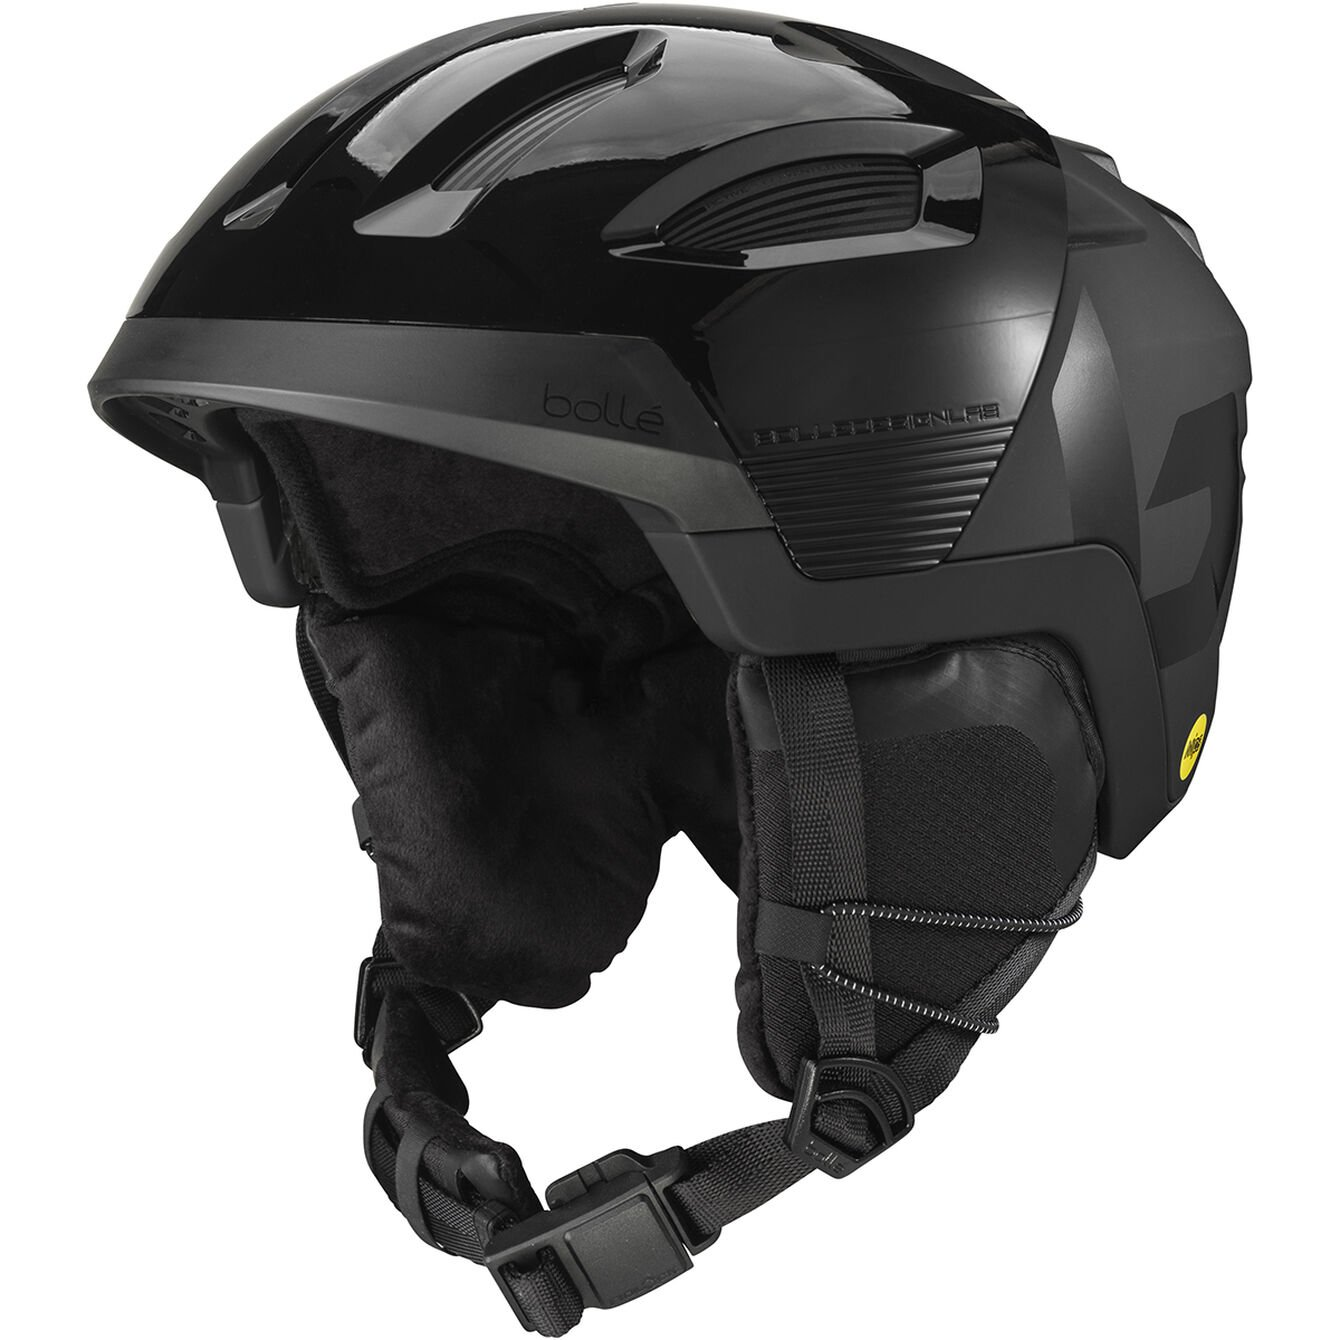 Bolle Ryft Mips Helmet 2021